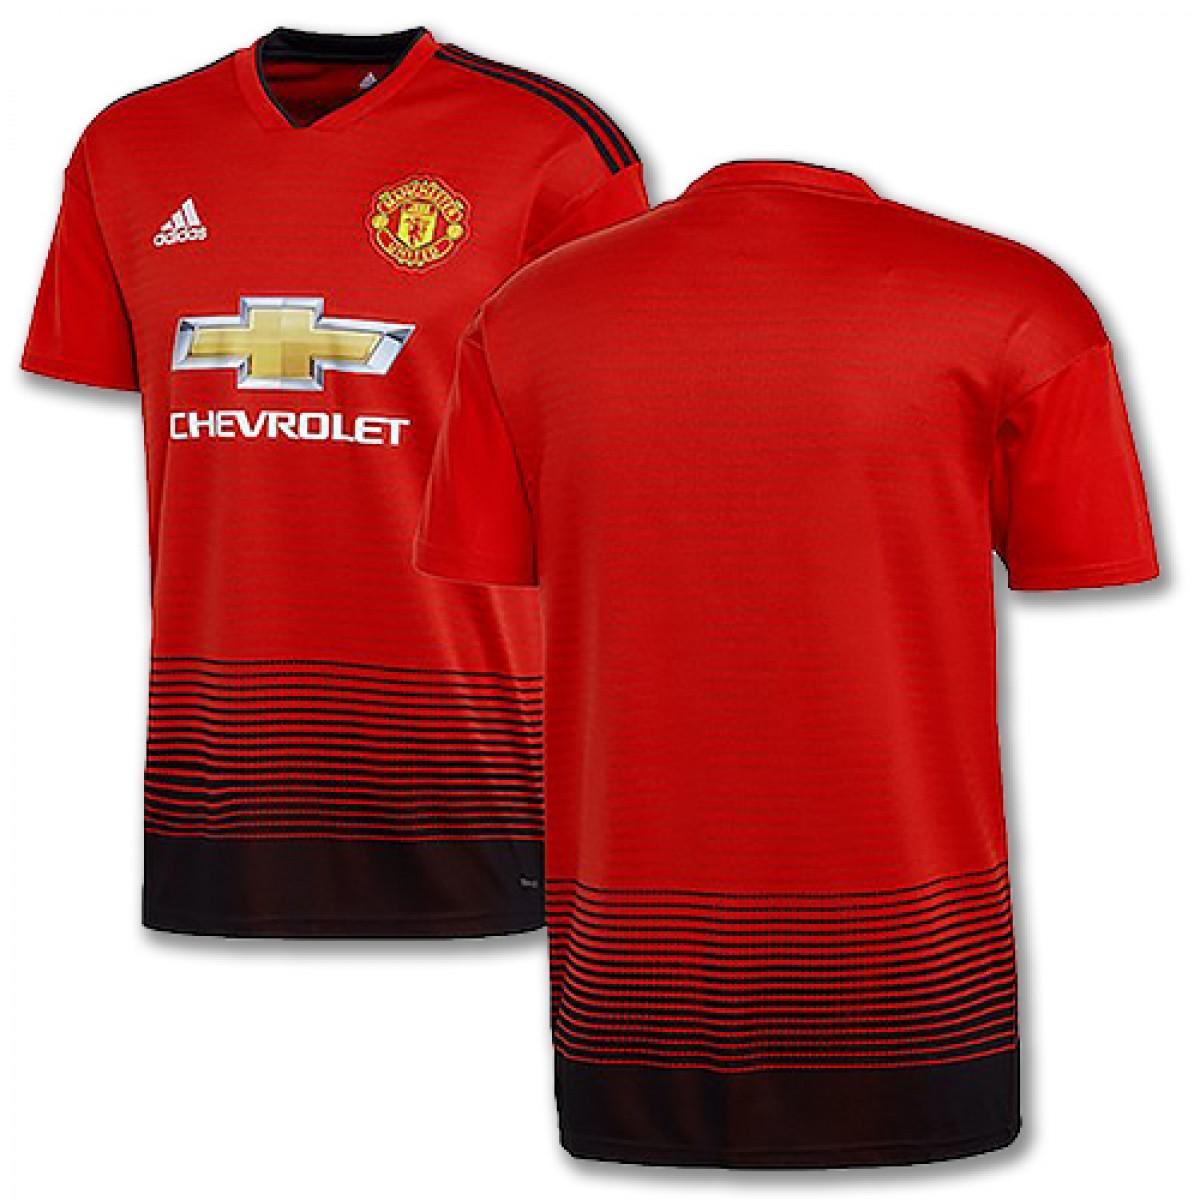 HossRods.com   Chevrolet Manchester United Shirt by Adidas   Hot ...